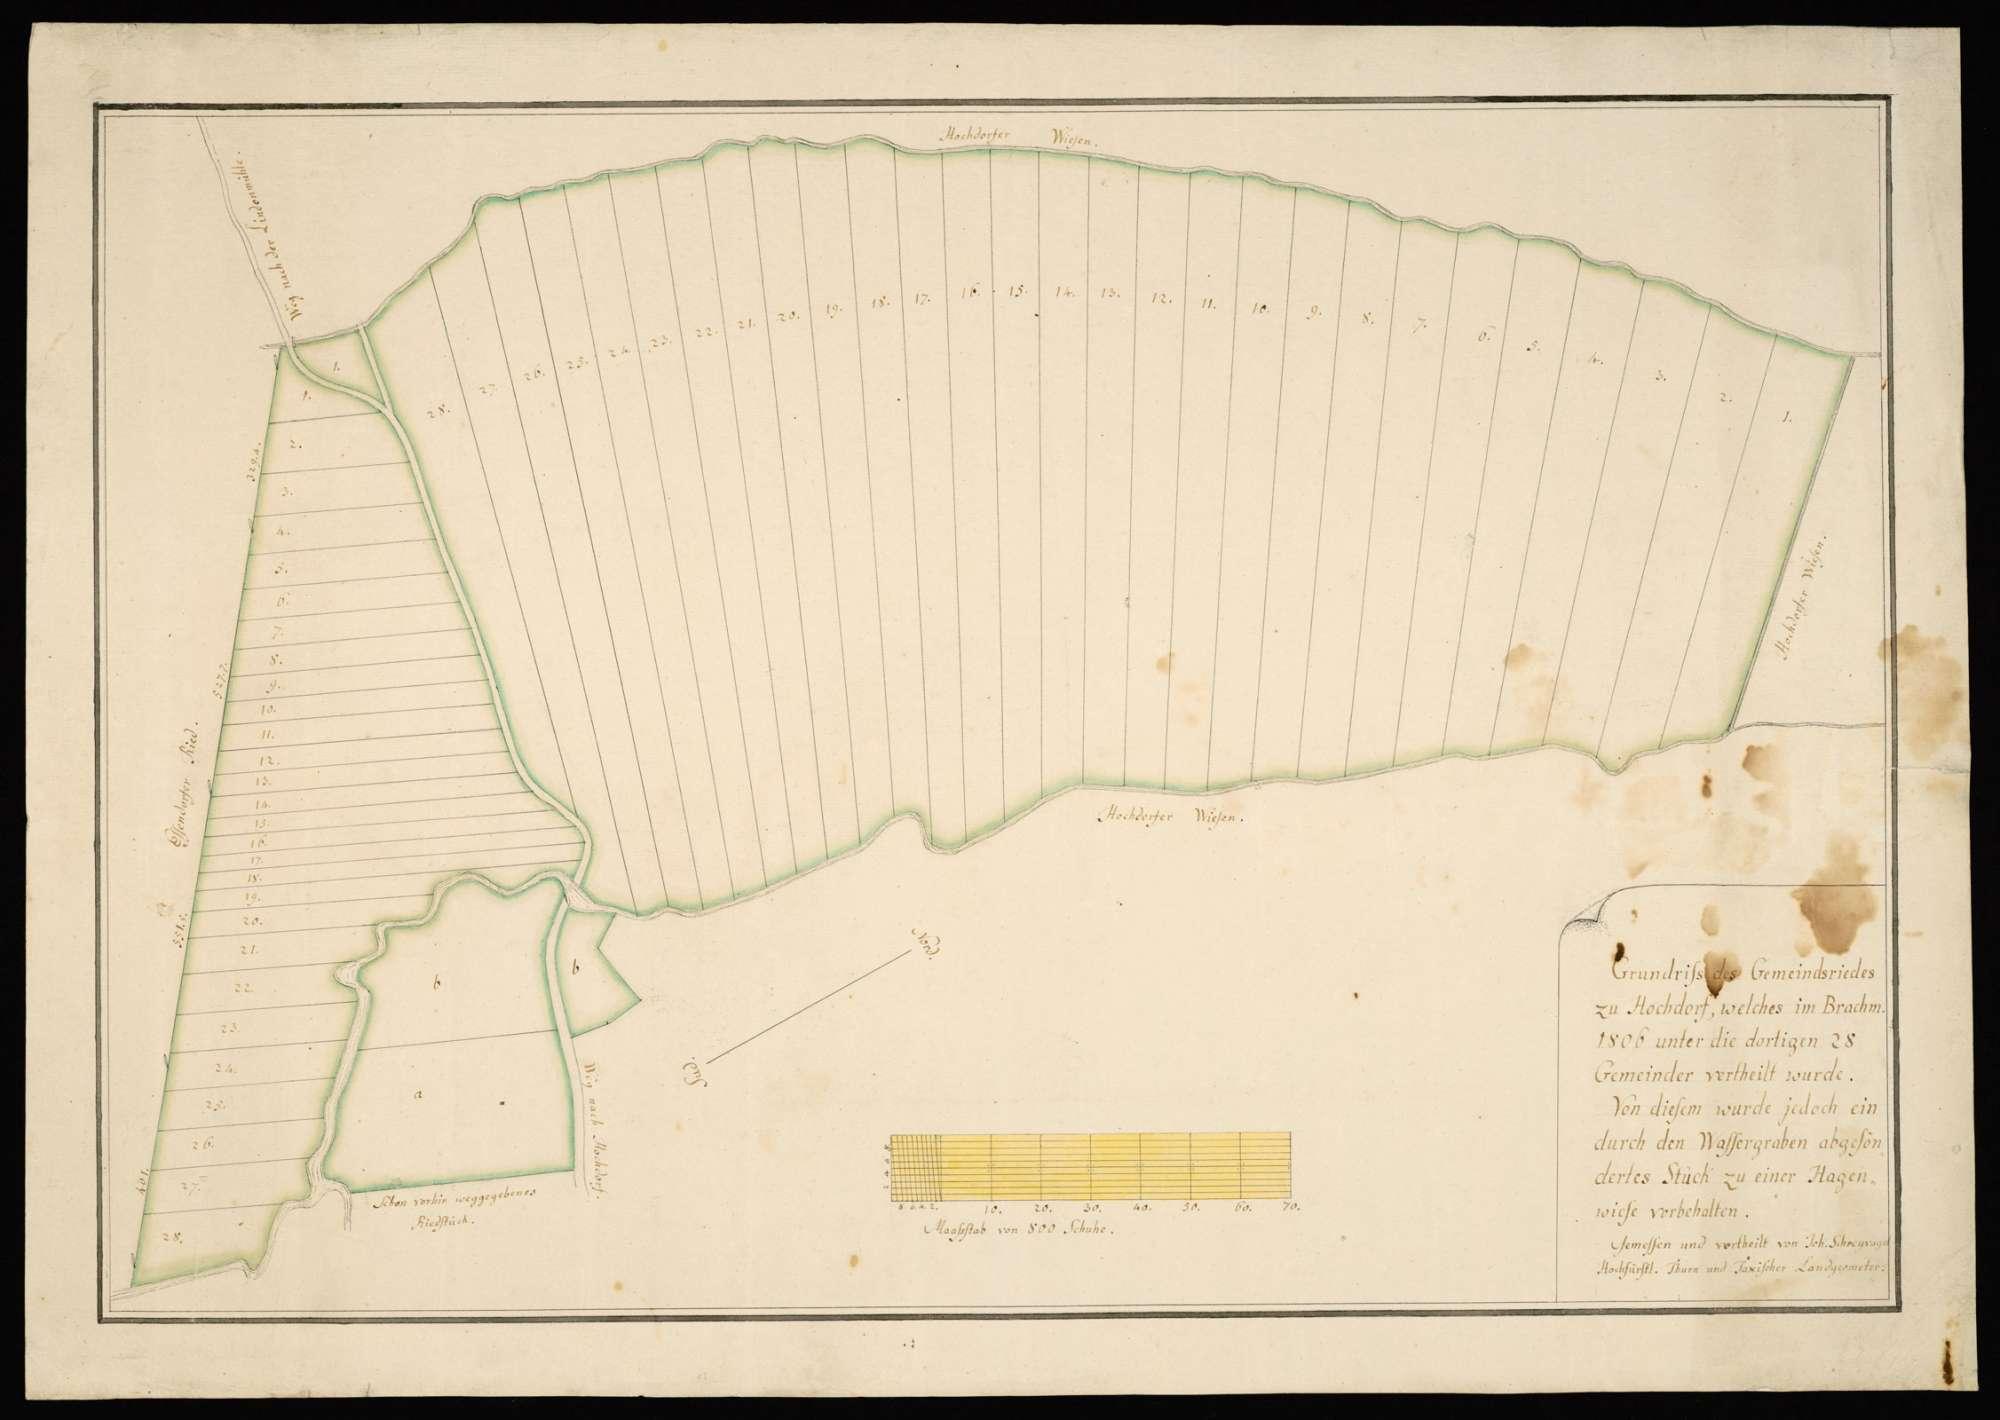 """Hochdorf """"Grundriß des Gemeindsriedes zu Hochdorf, welches im Brachmonat 1806 unter die dortigen 28 Gemeinder vertheilt wurde"""", Bild 2"""